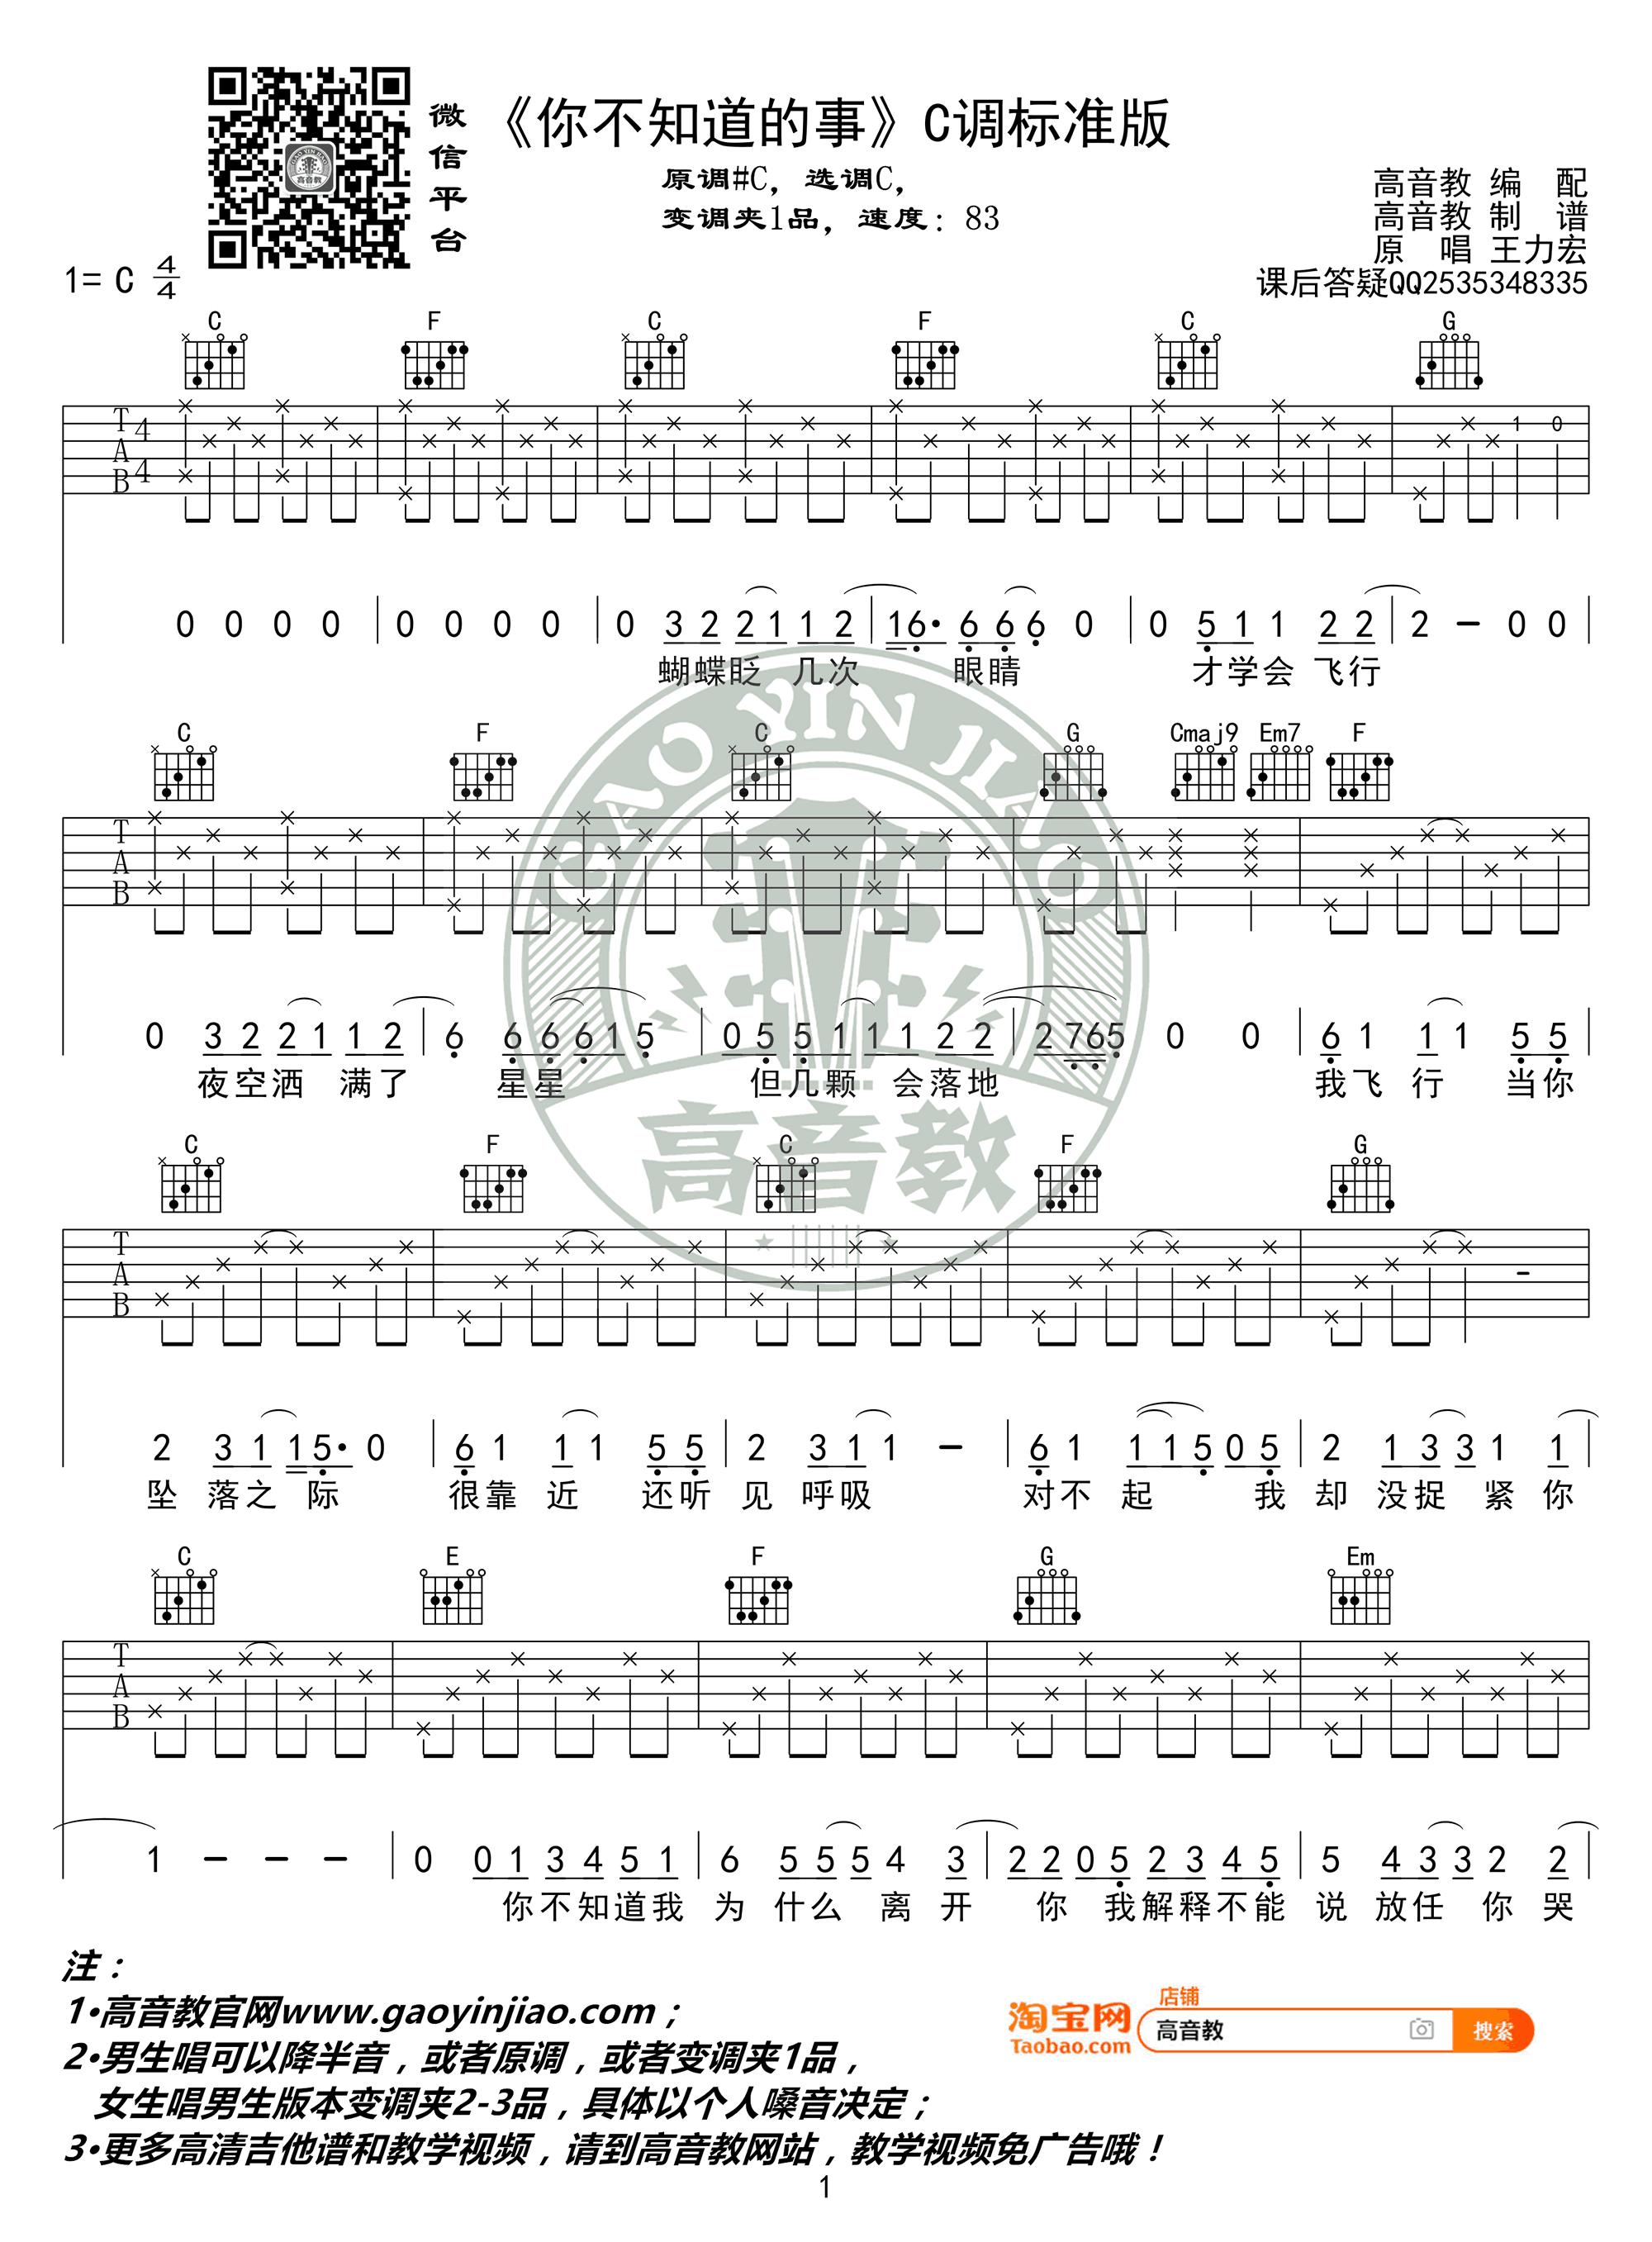 你不知道的事吉他谱_王力宏_C调标准版_吉他教学视频-吉他谱-C大调音乐网